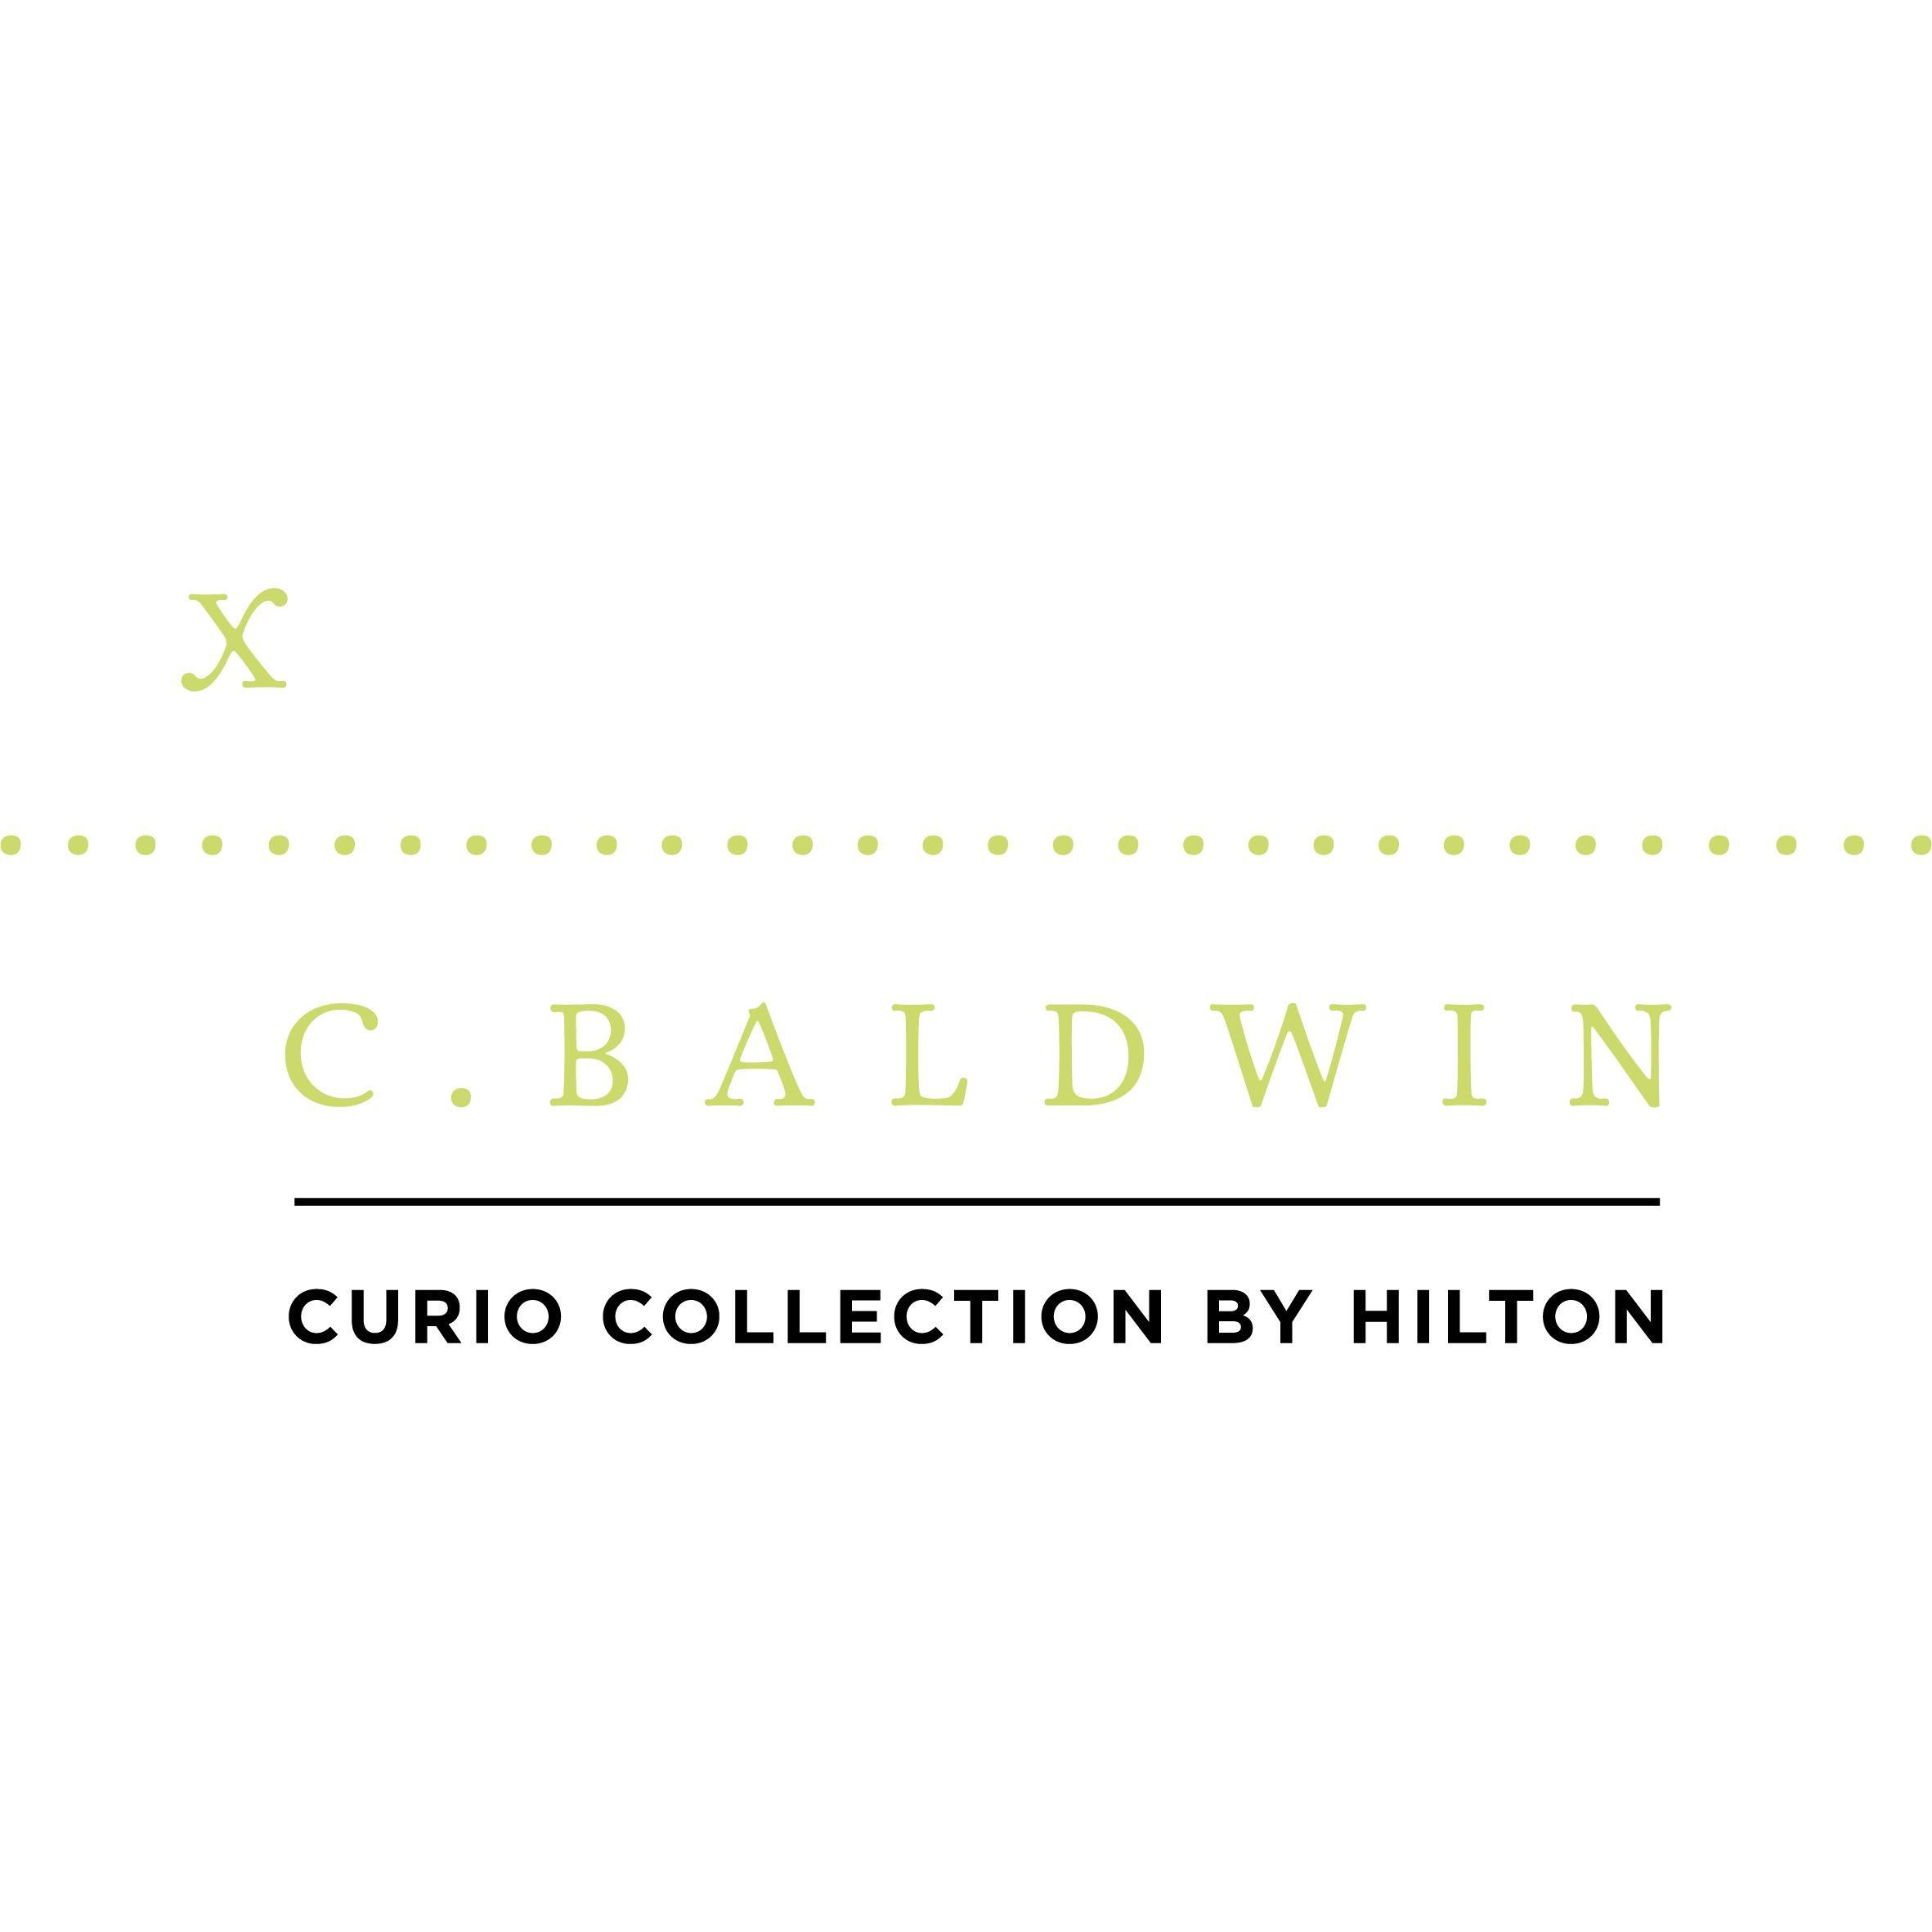 C. Baldwin, Curio Collection by Hilton